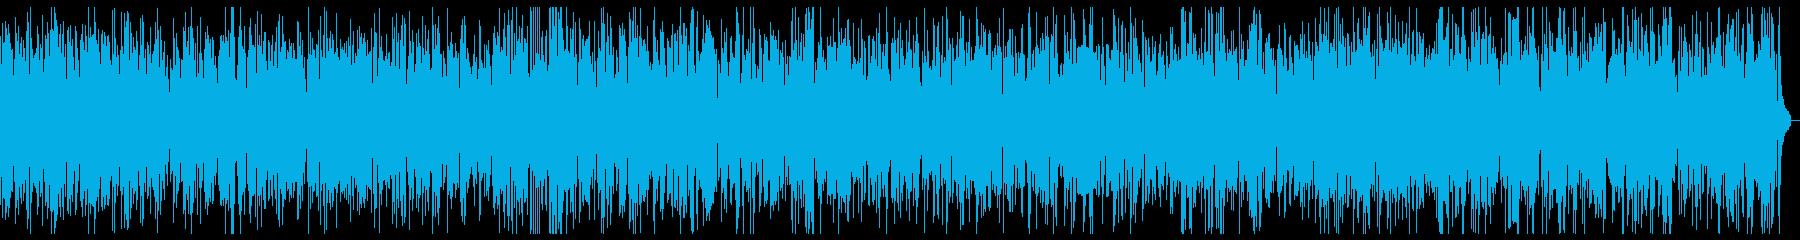 かっこいいクール ジャズピアノ長時間の再生済みの波形